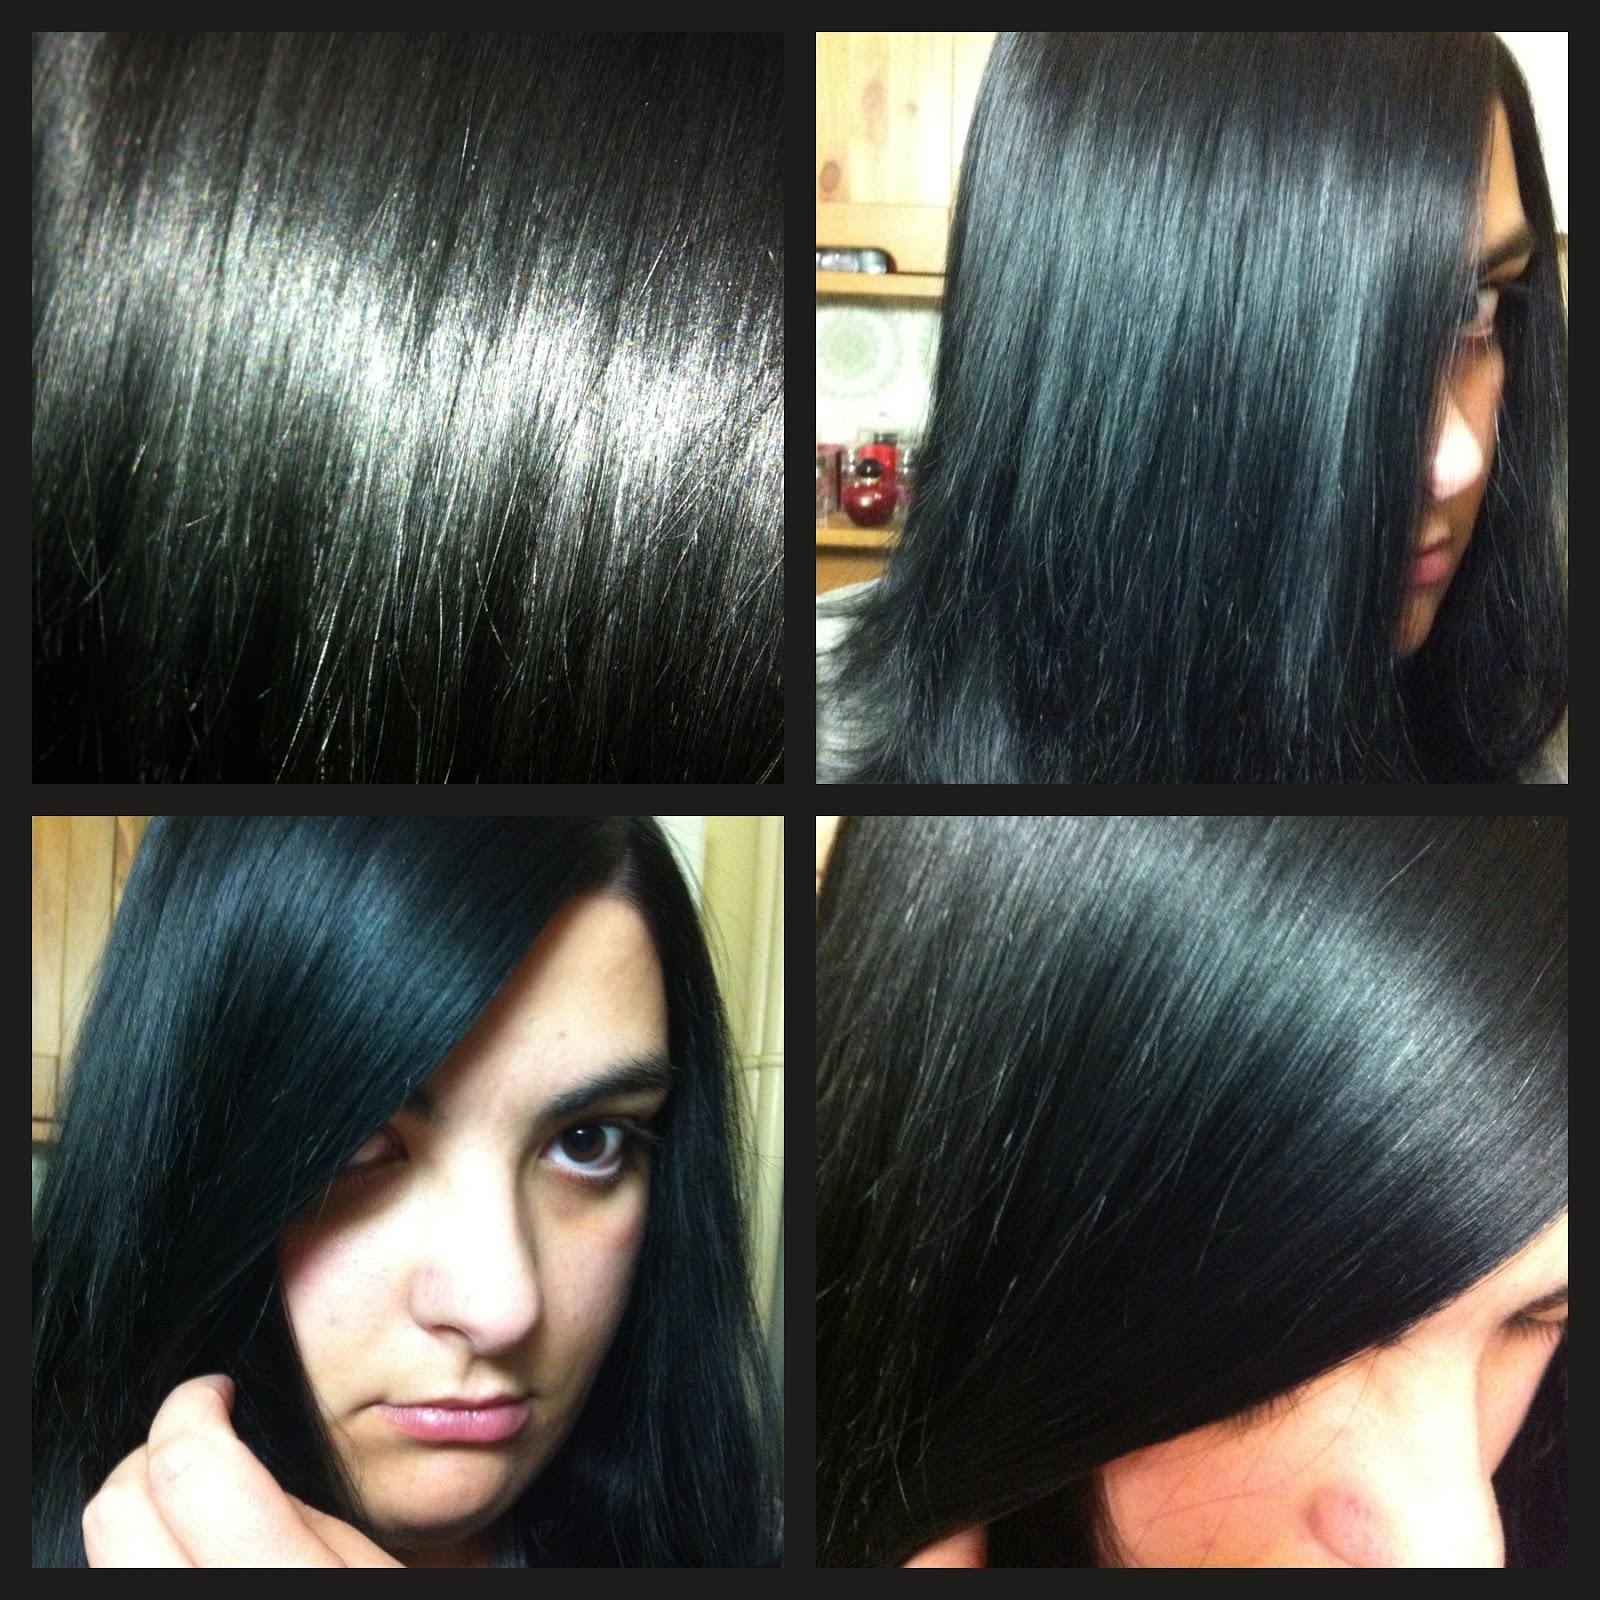 Couleur de cheveux noir intense